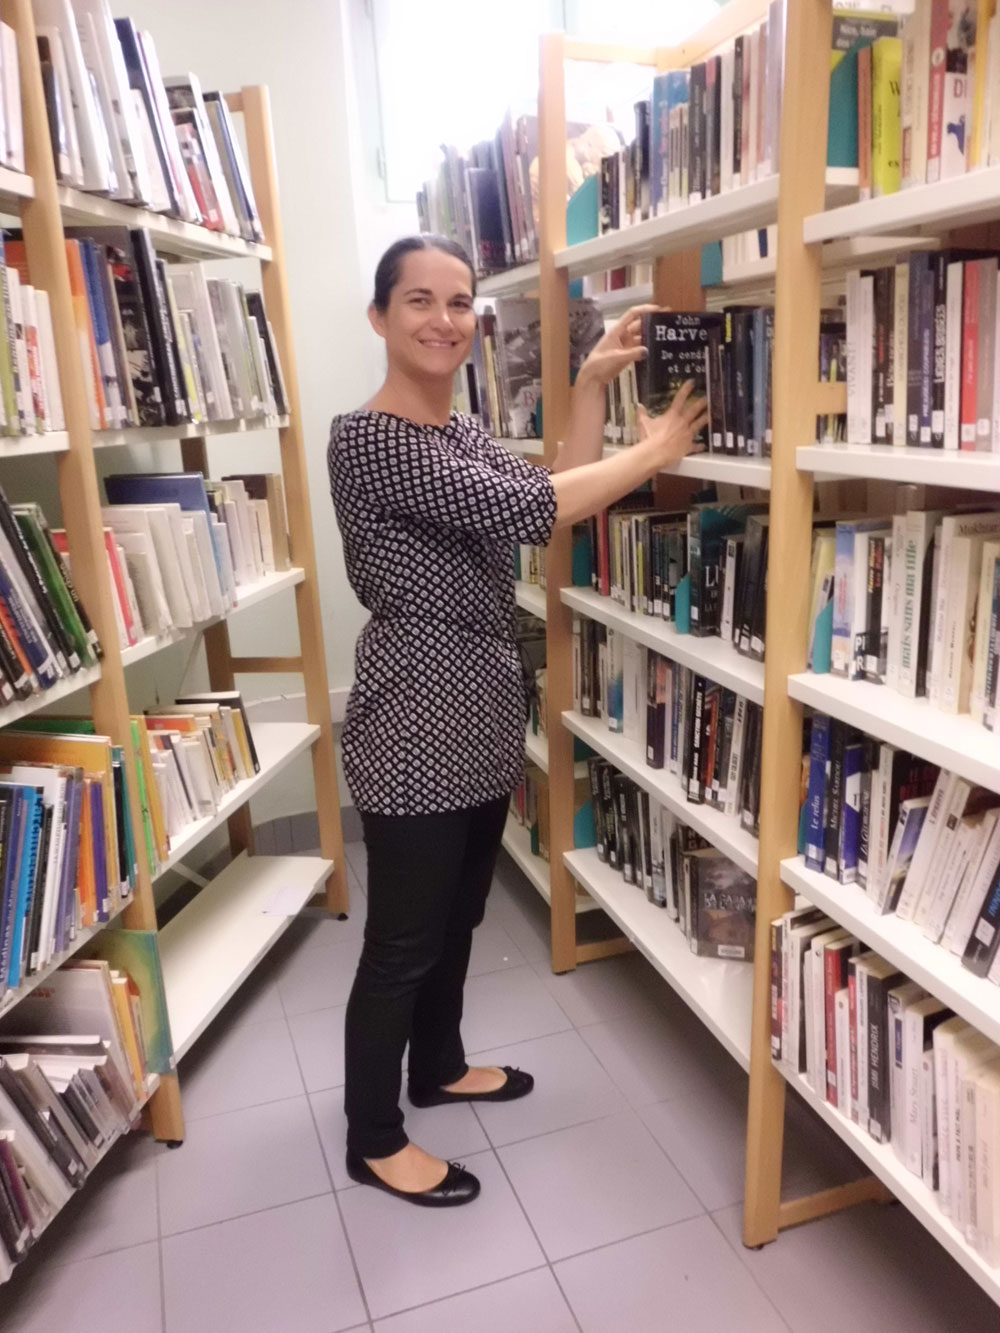 Rozenn Coconnier, bibliothécaire à la maison d'arrêt de Laval